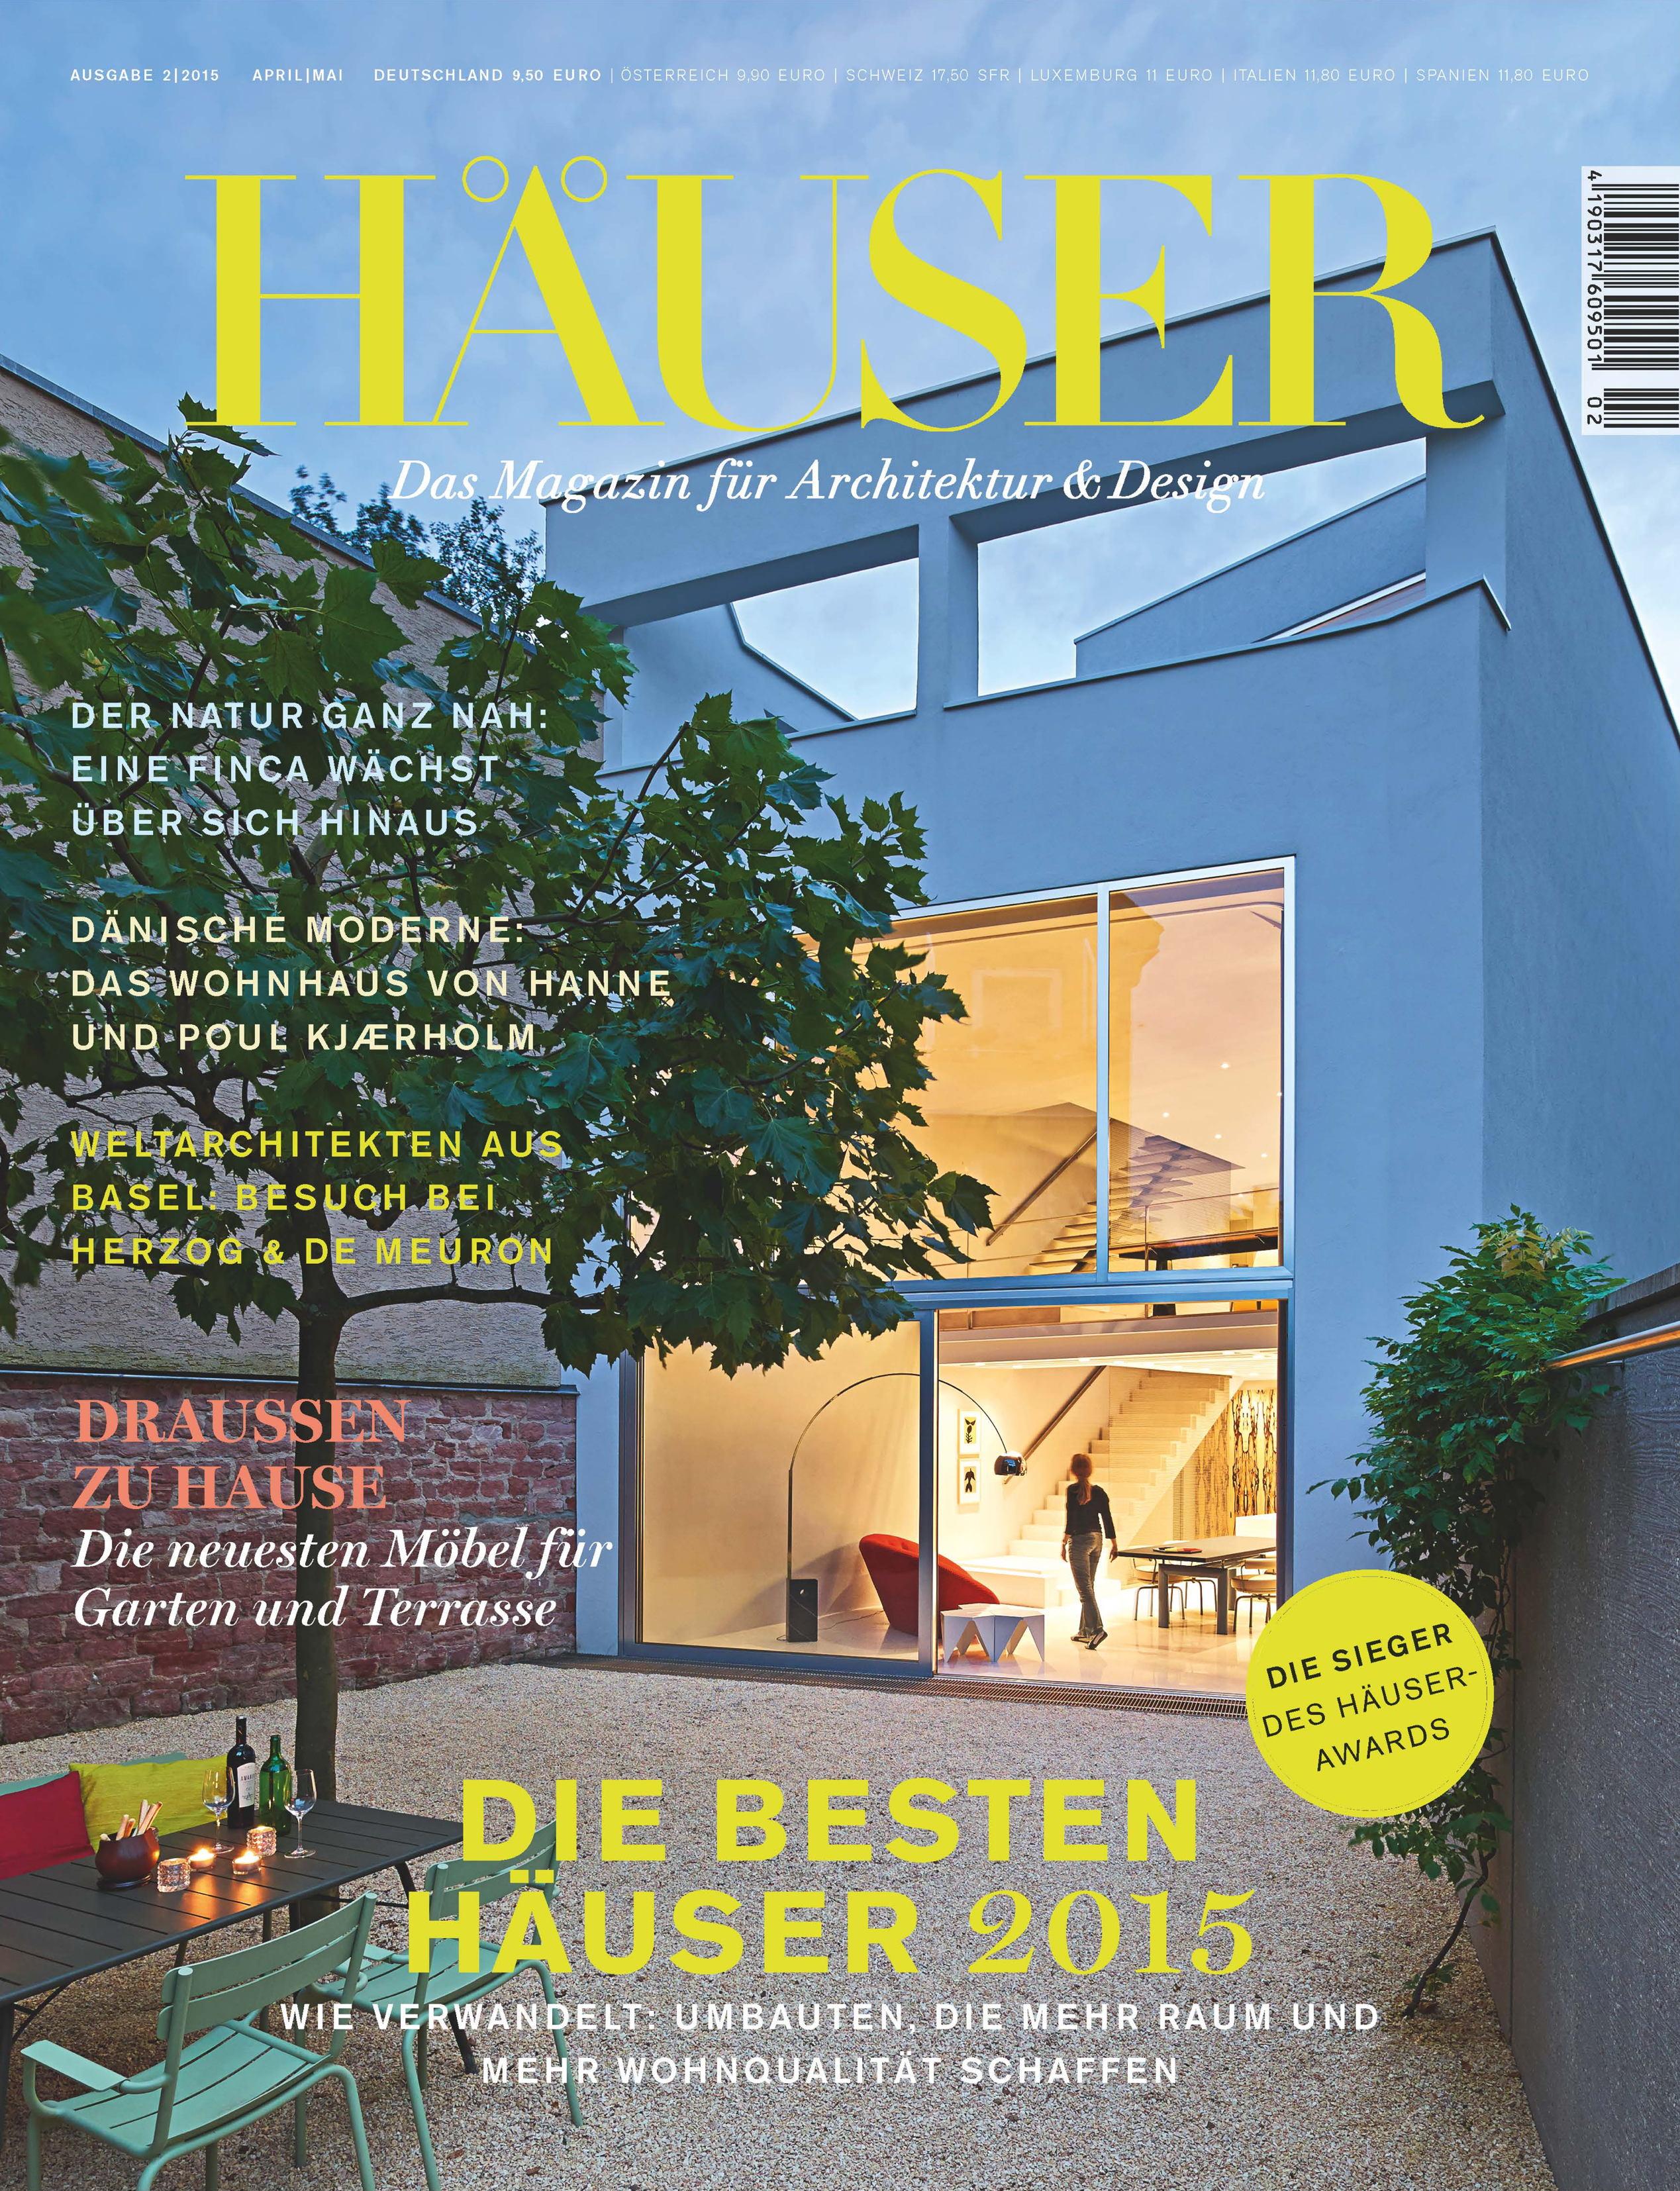 Häuser award 2015 die besten umbauten erweiterungen und modernisierungen die siegerobjekte stehen